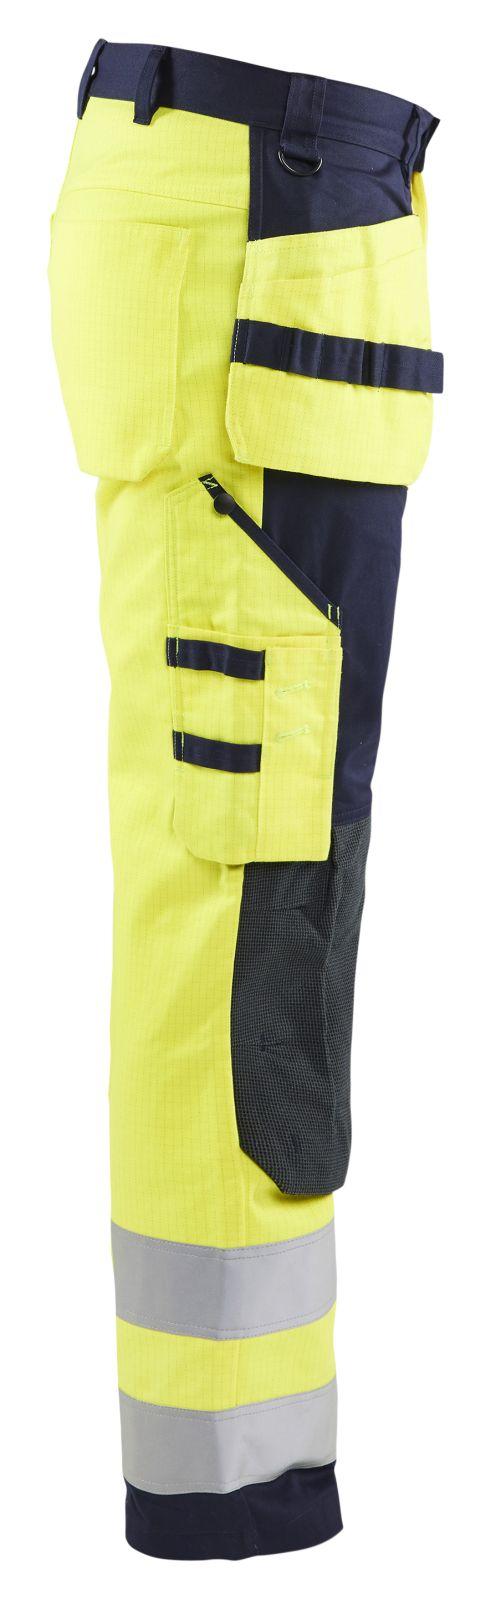 Blaklader Werkbroeken 15791514 Multinorm geel-marineblauw(3389)